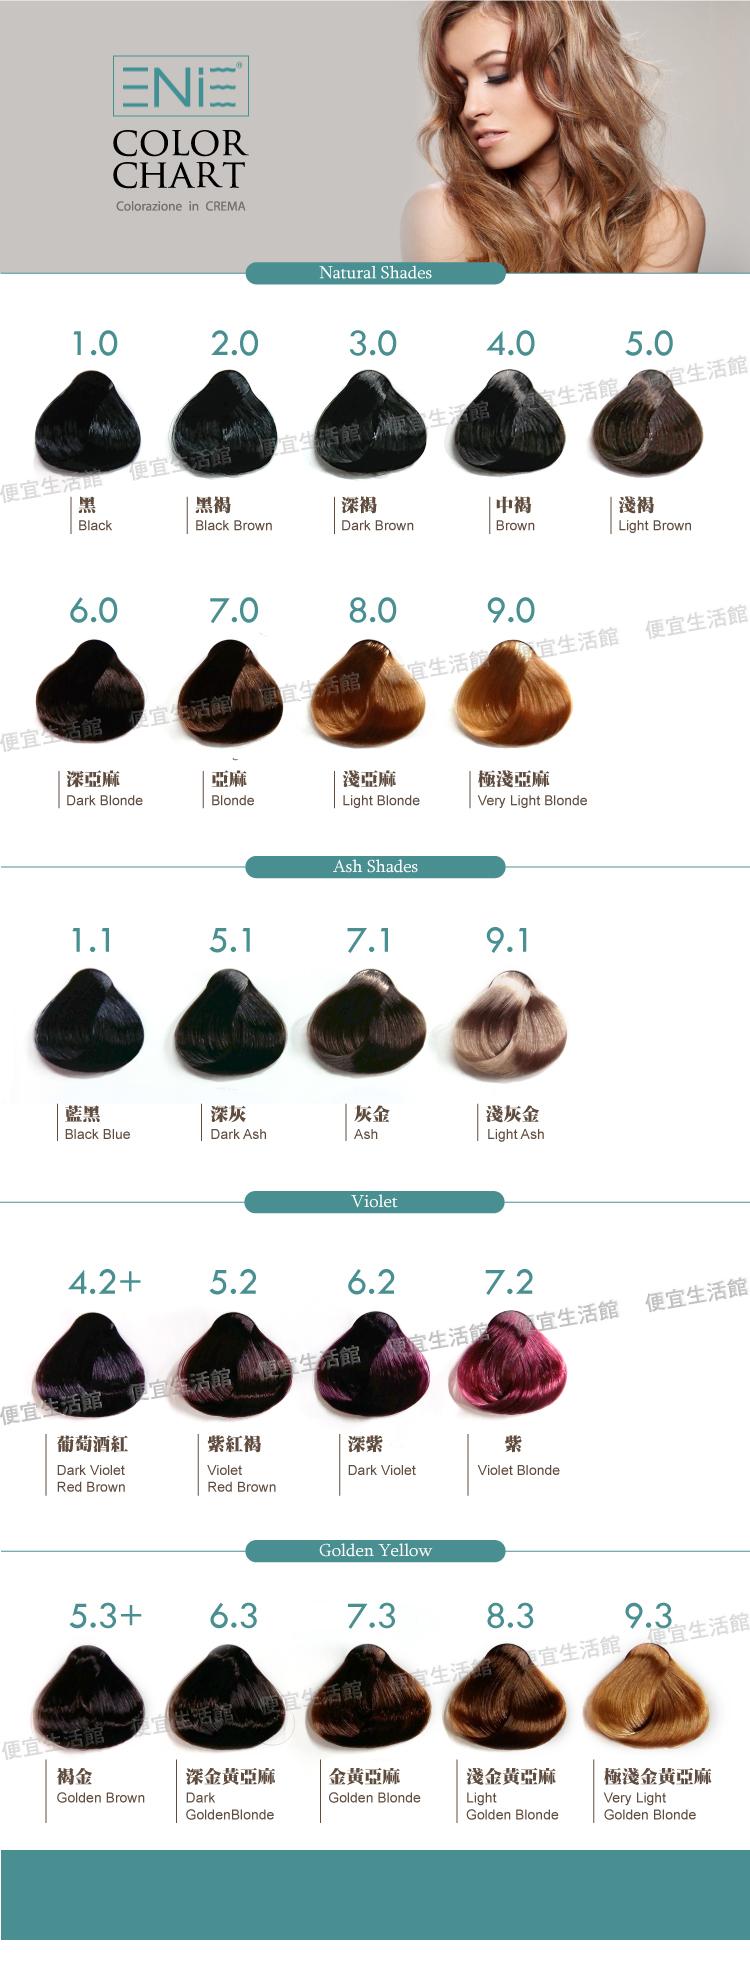 便宜生活館【燙染劑】雅如詩ENIE 專業護髮染膏 提供全系多色澤(設計師等級)